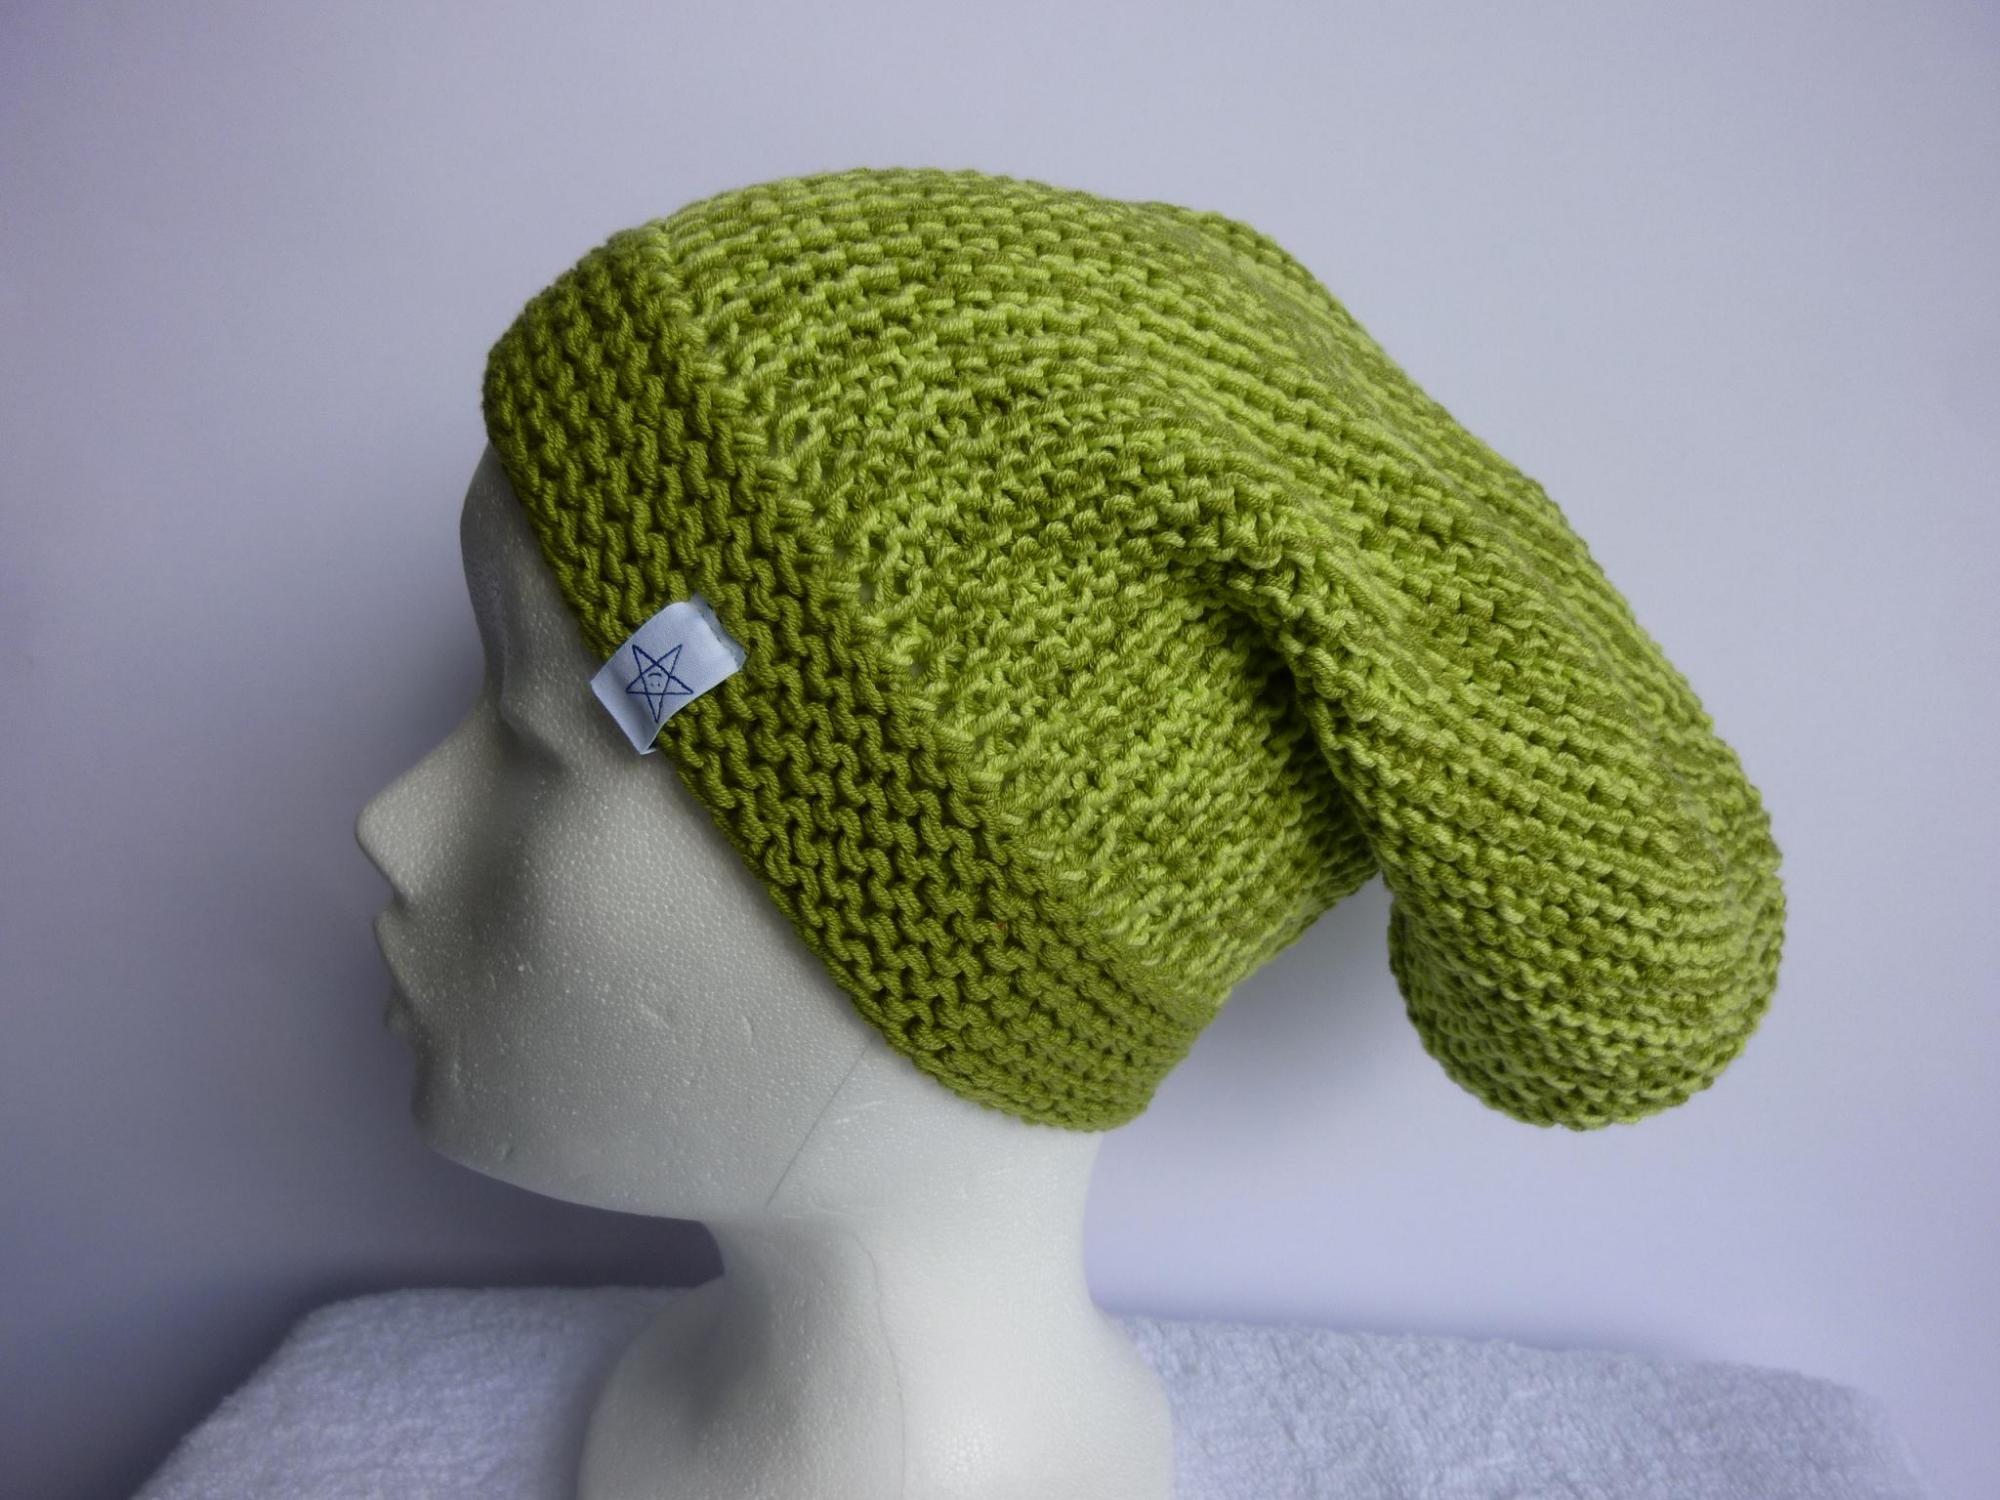 - lange Strickmütze in kiwigrün und hellgrün aus Baumwolle handgestrickt - lange Strickmütze in kiwigrün und hellgrün aus Baumwolle handgestrickt